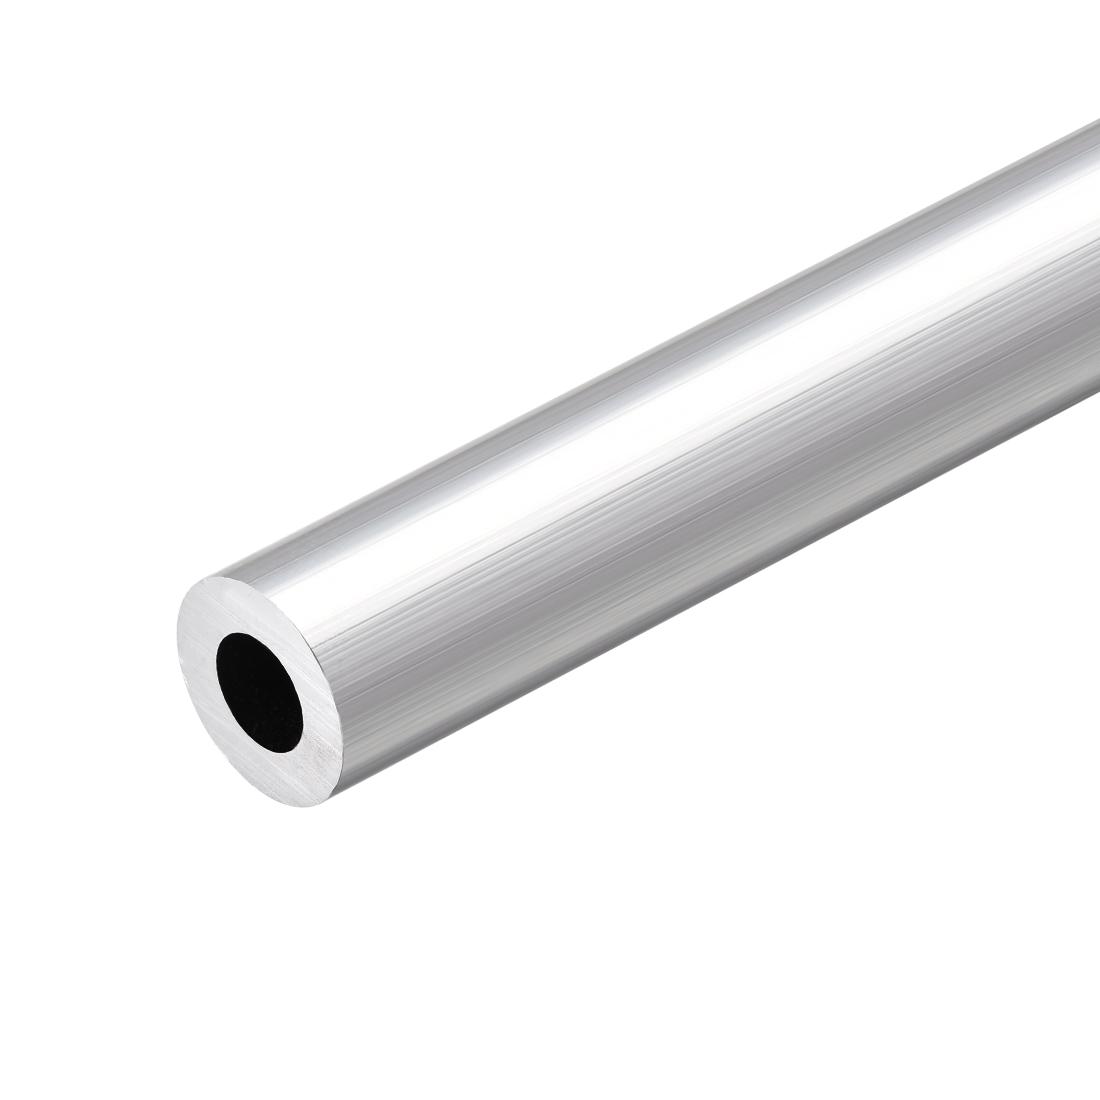 6063 Aluminum Round Tube 300mm Length 19mm OD 10mm Inner Dia Seamless Tubing